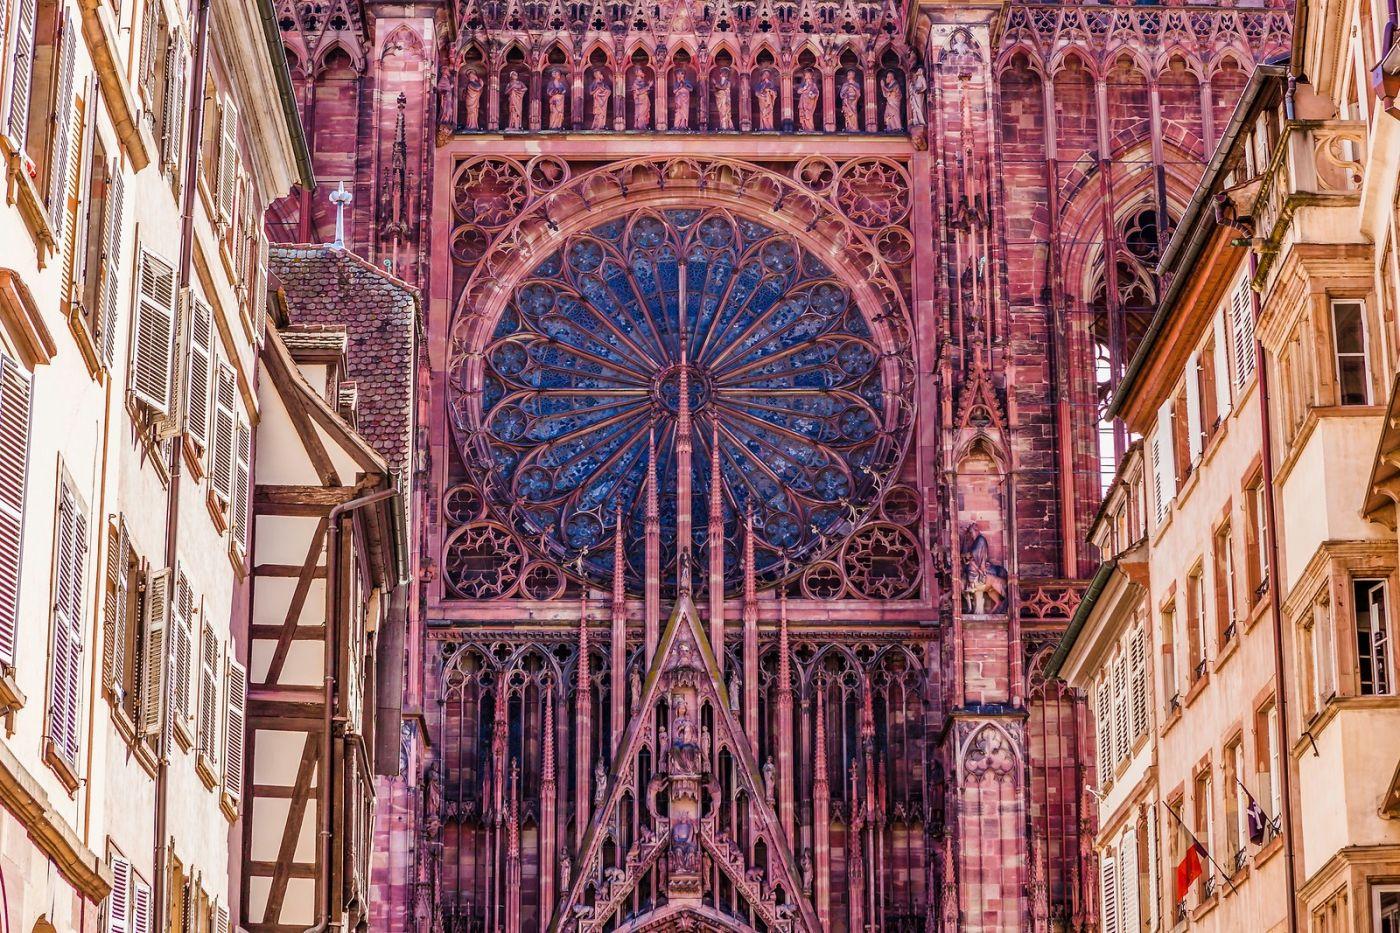 法国斯特拉斯堡(Strasbourg),八百年的主教堂_图1-2